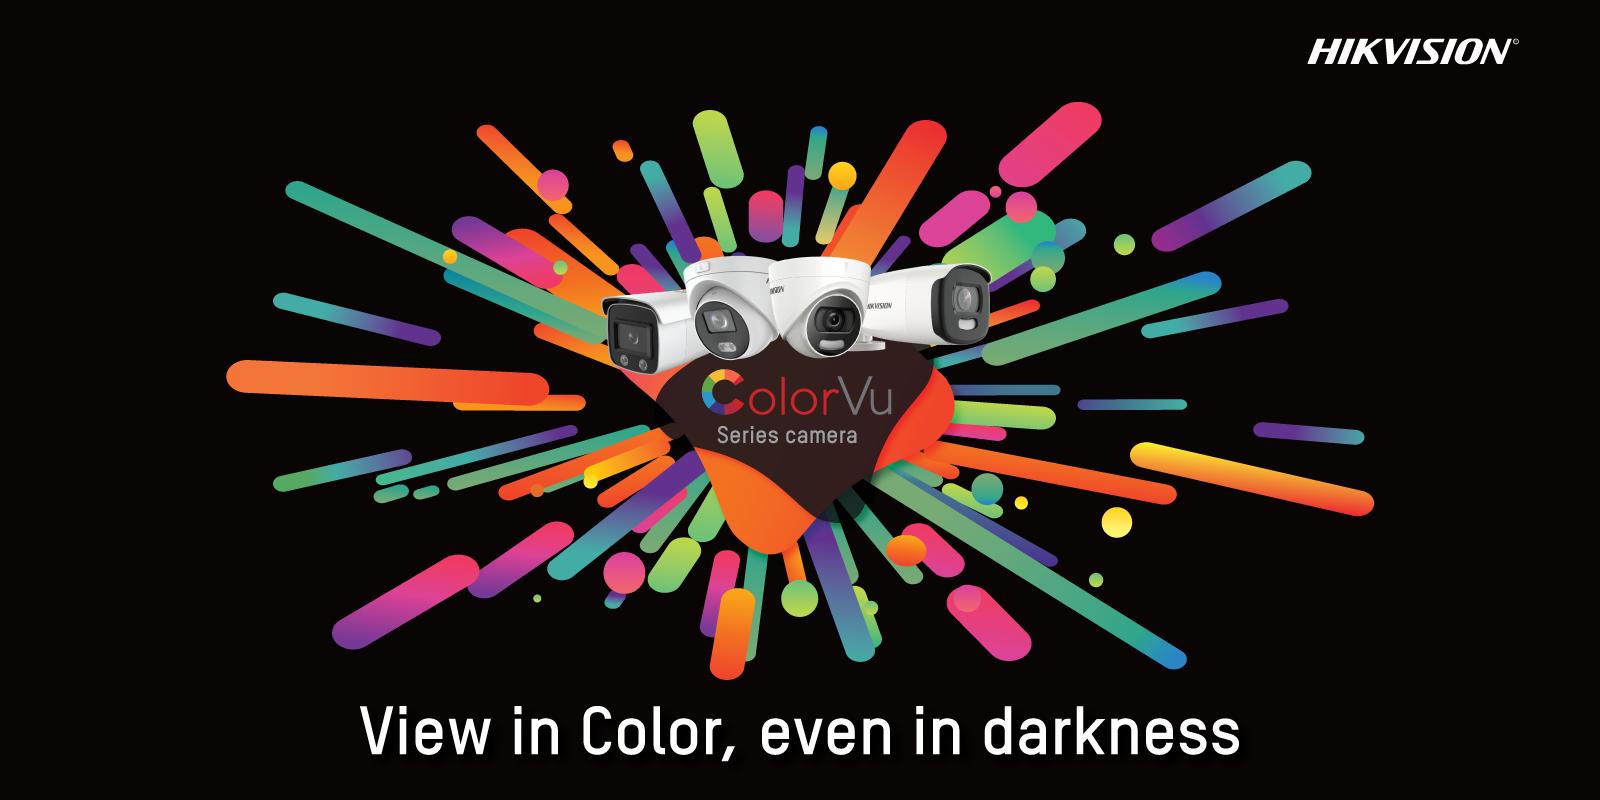 Hikvision ColorVu – kolorowy obraz w zupełnej ciemności